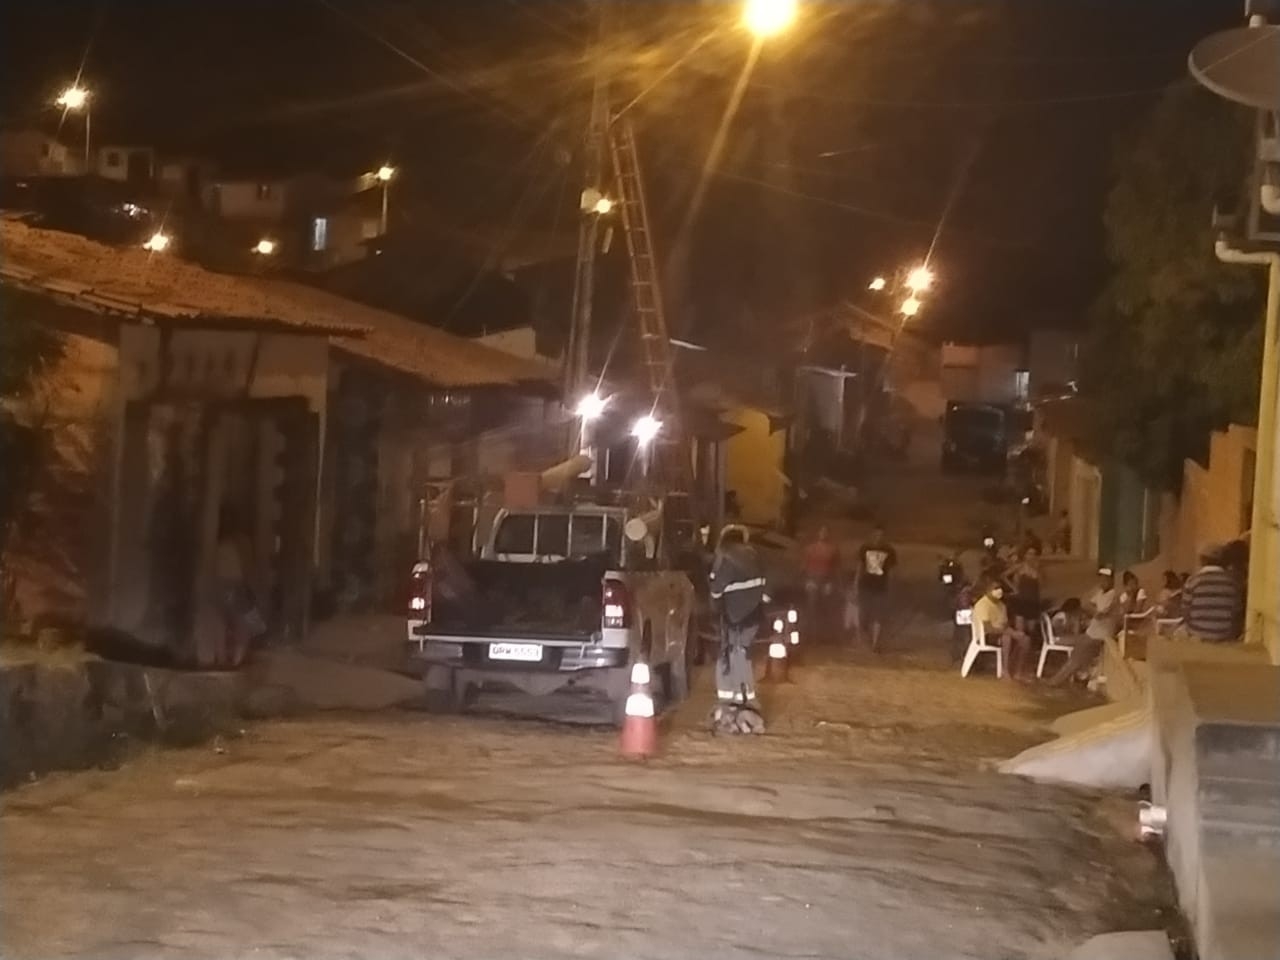 Jovem morre eletrocutado e fica preso em poste após tentar realizar ligação clandestina, diz PM